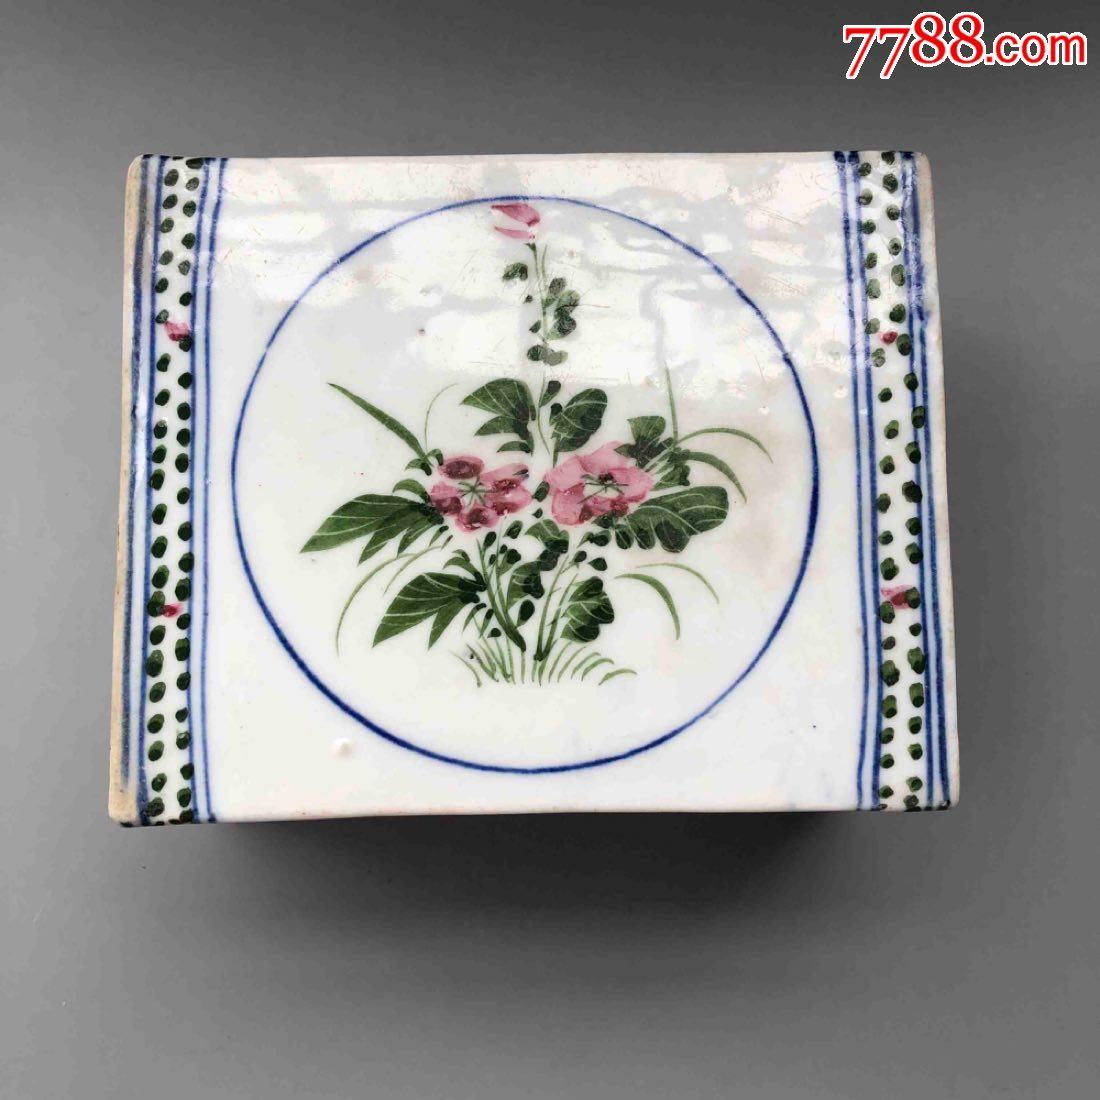 古瓷器,民��釉下彩花卉�y瓷枕(se64797441)_